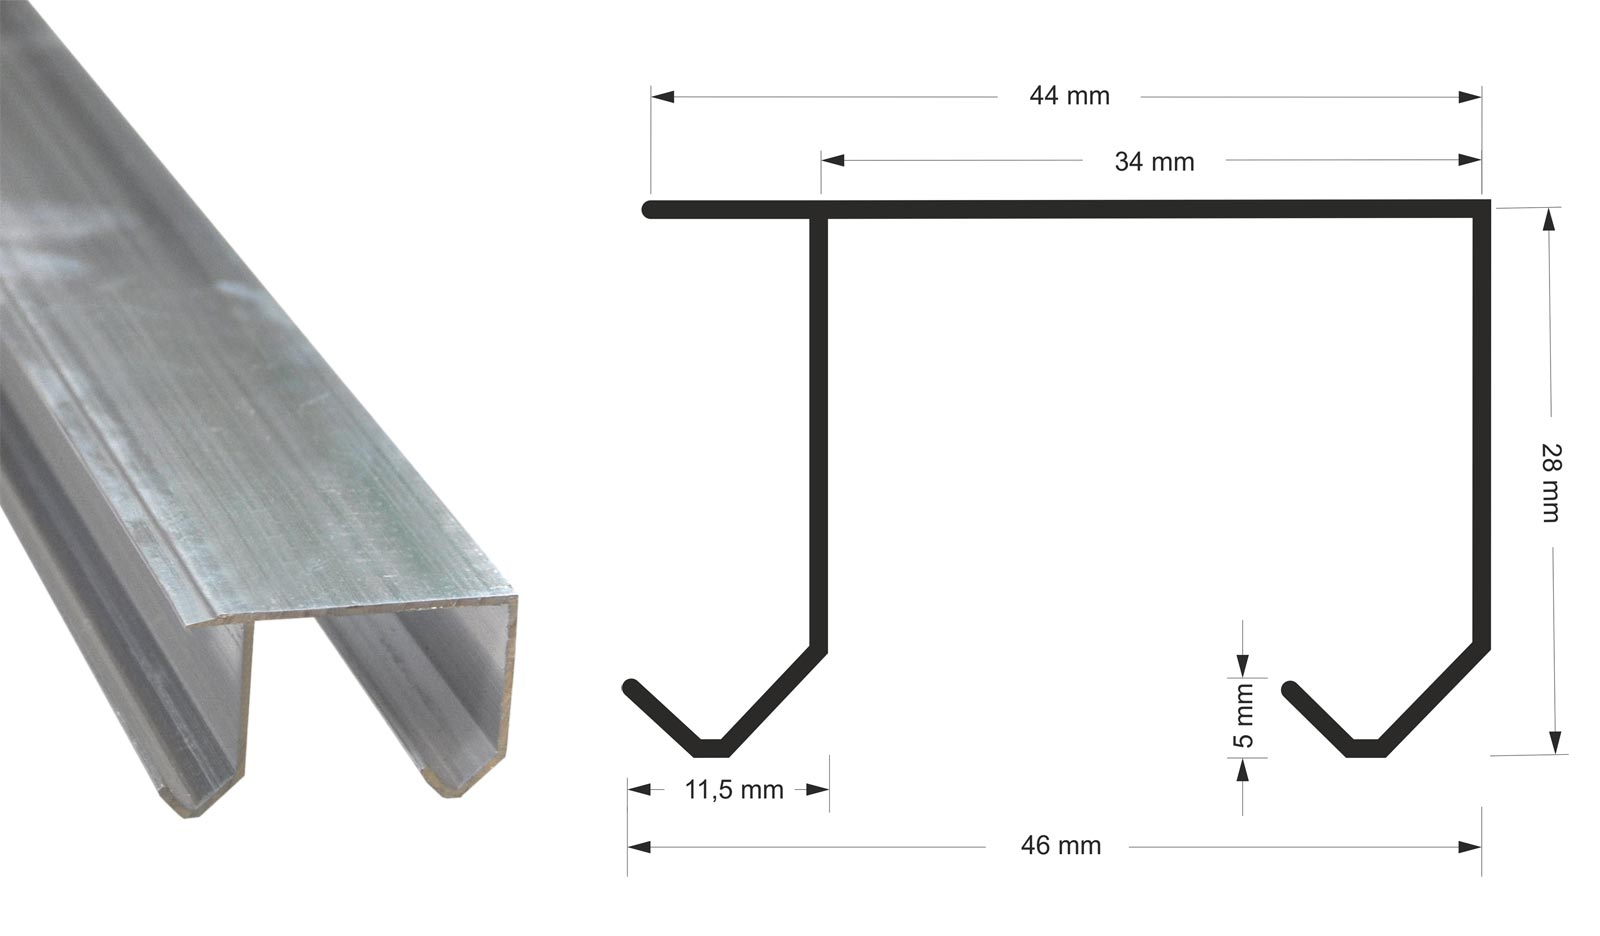 systeme f r schiebet ren doppellaufschiene laufrollen beschl ge f hrungen neu ebay. Black Bedroom Furniture Sets. Home Design Ideas